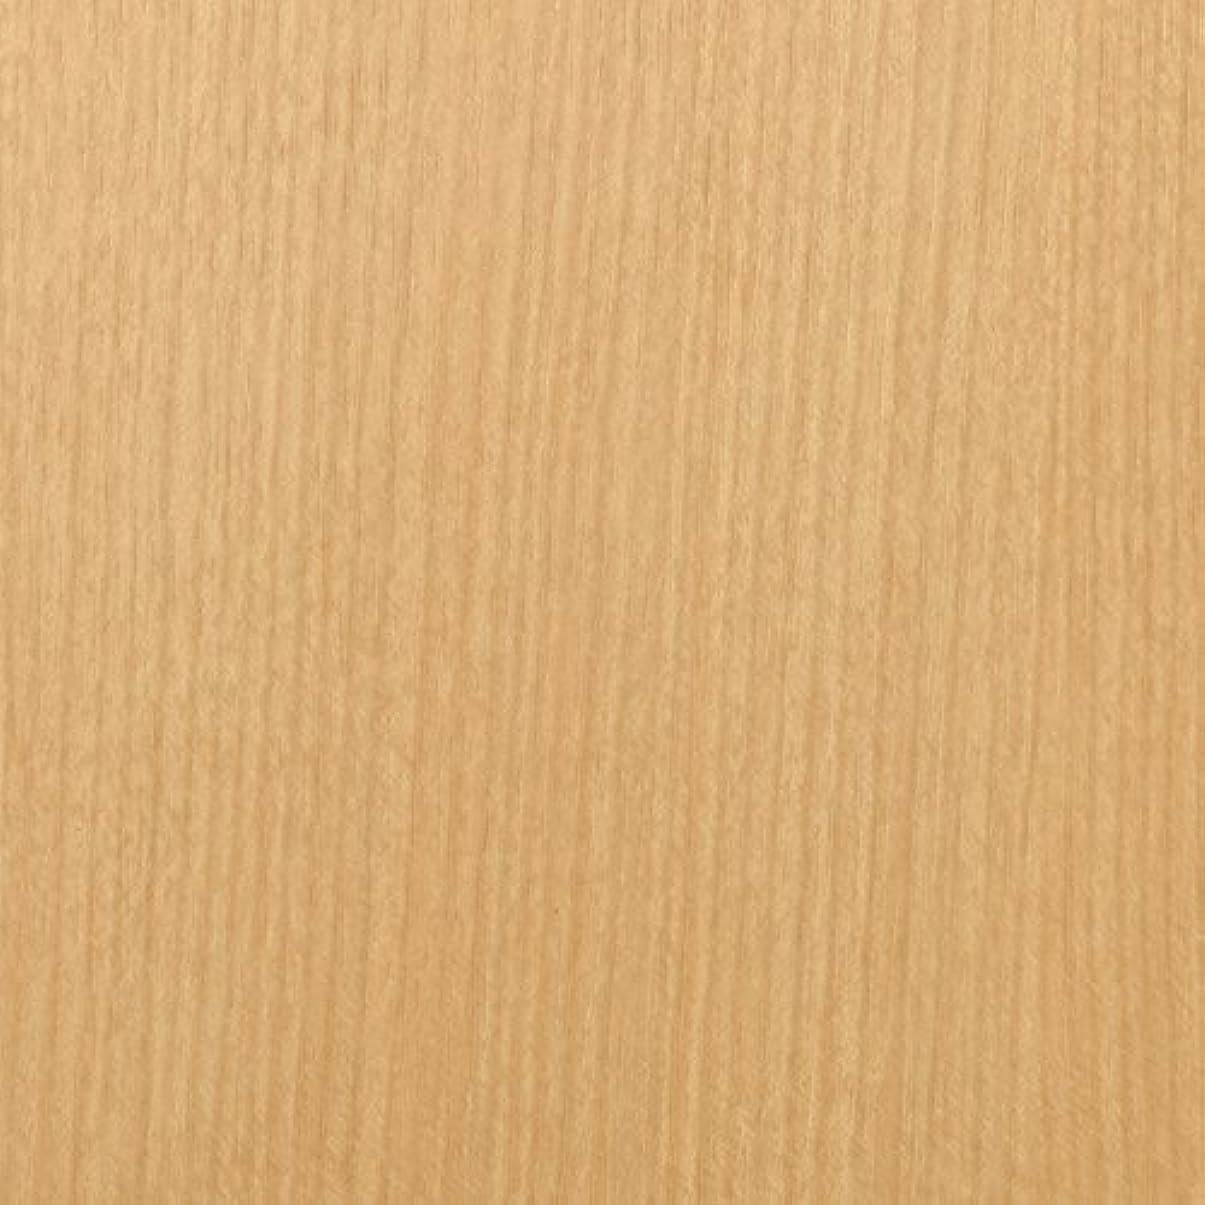 エンティティ失望確率3M ダイノックシート 木目調 ウツドグレイ WG1845